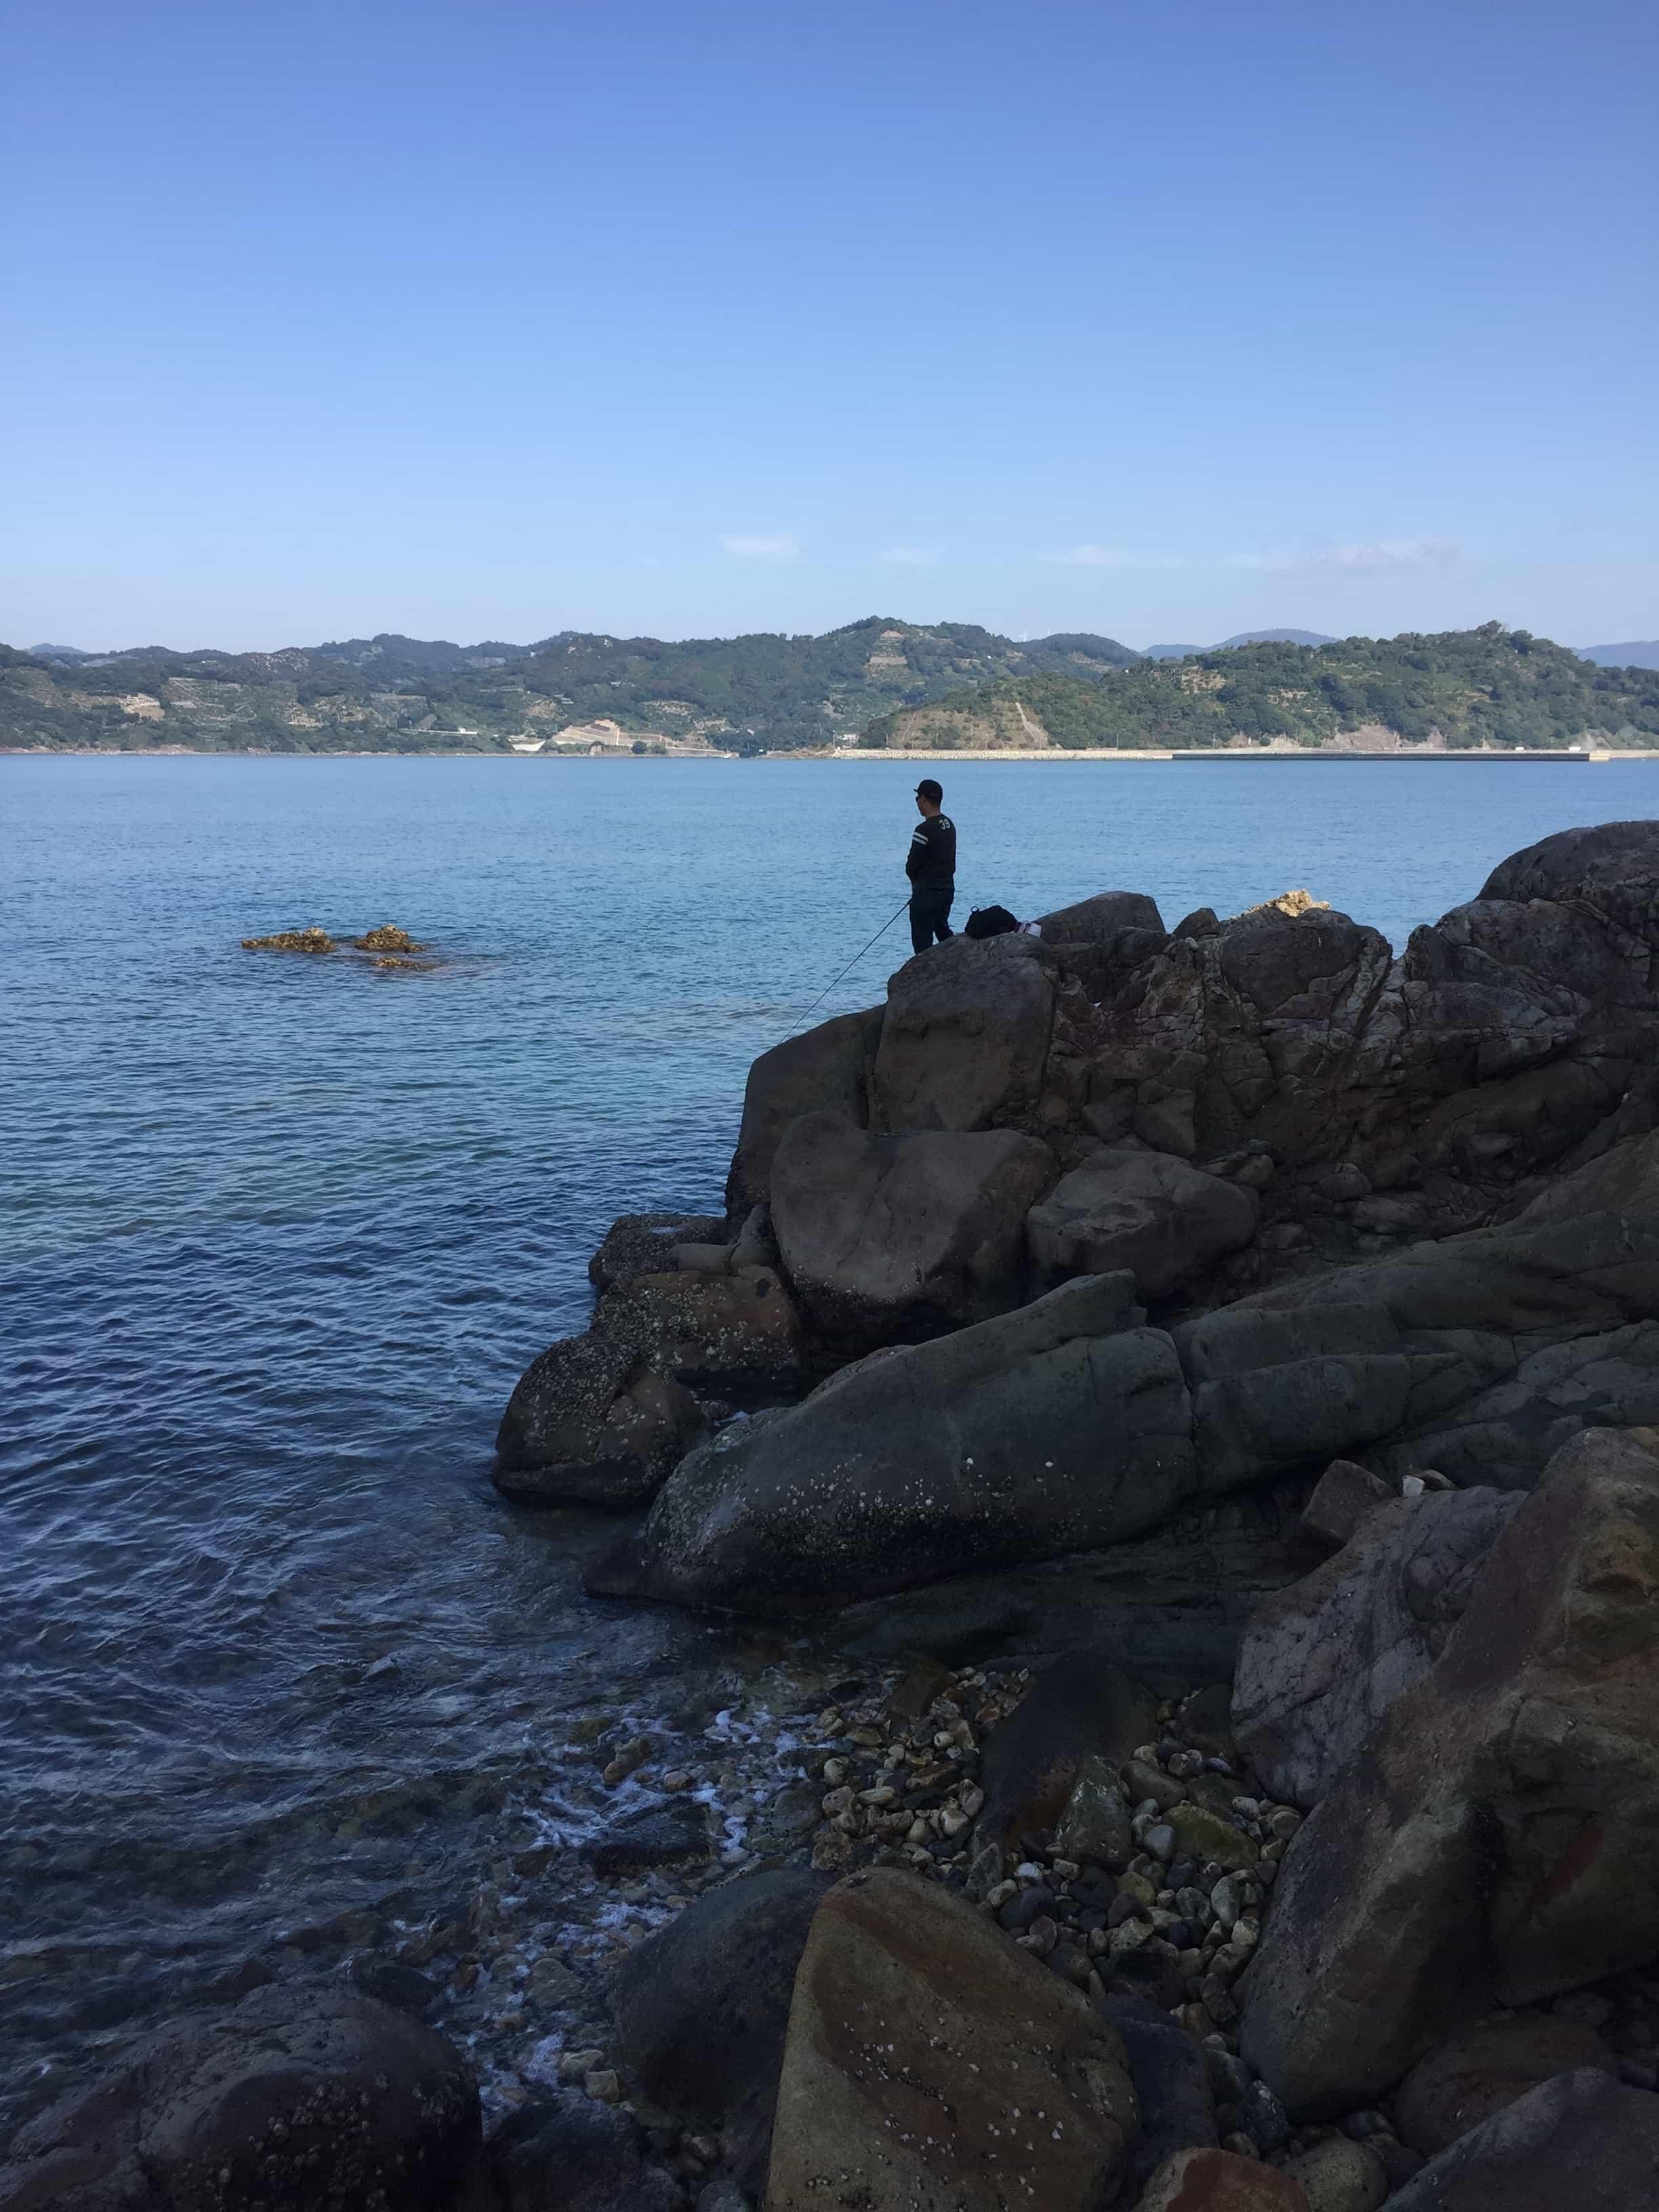 和歌山有田の穴場エギングポイント白木海岸地磯の釣り場紹介、オススメのシャローで秋イカ数釣りエギング